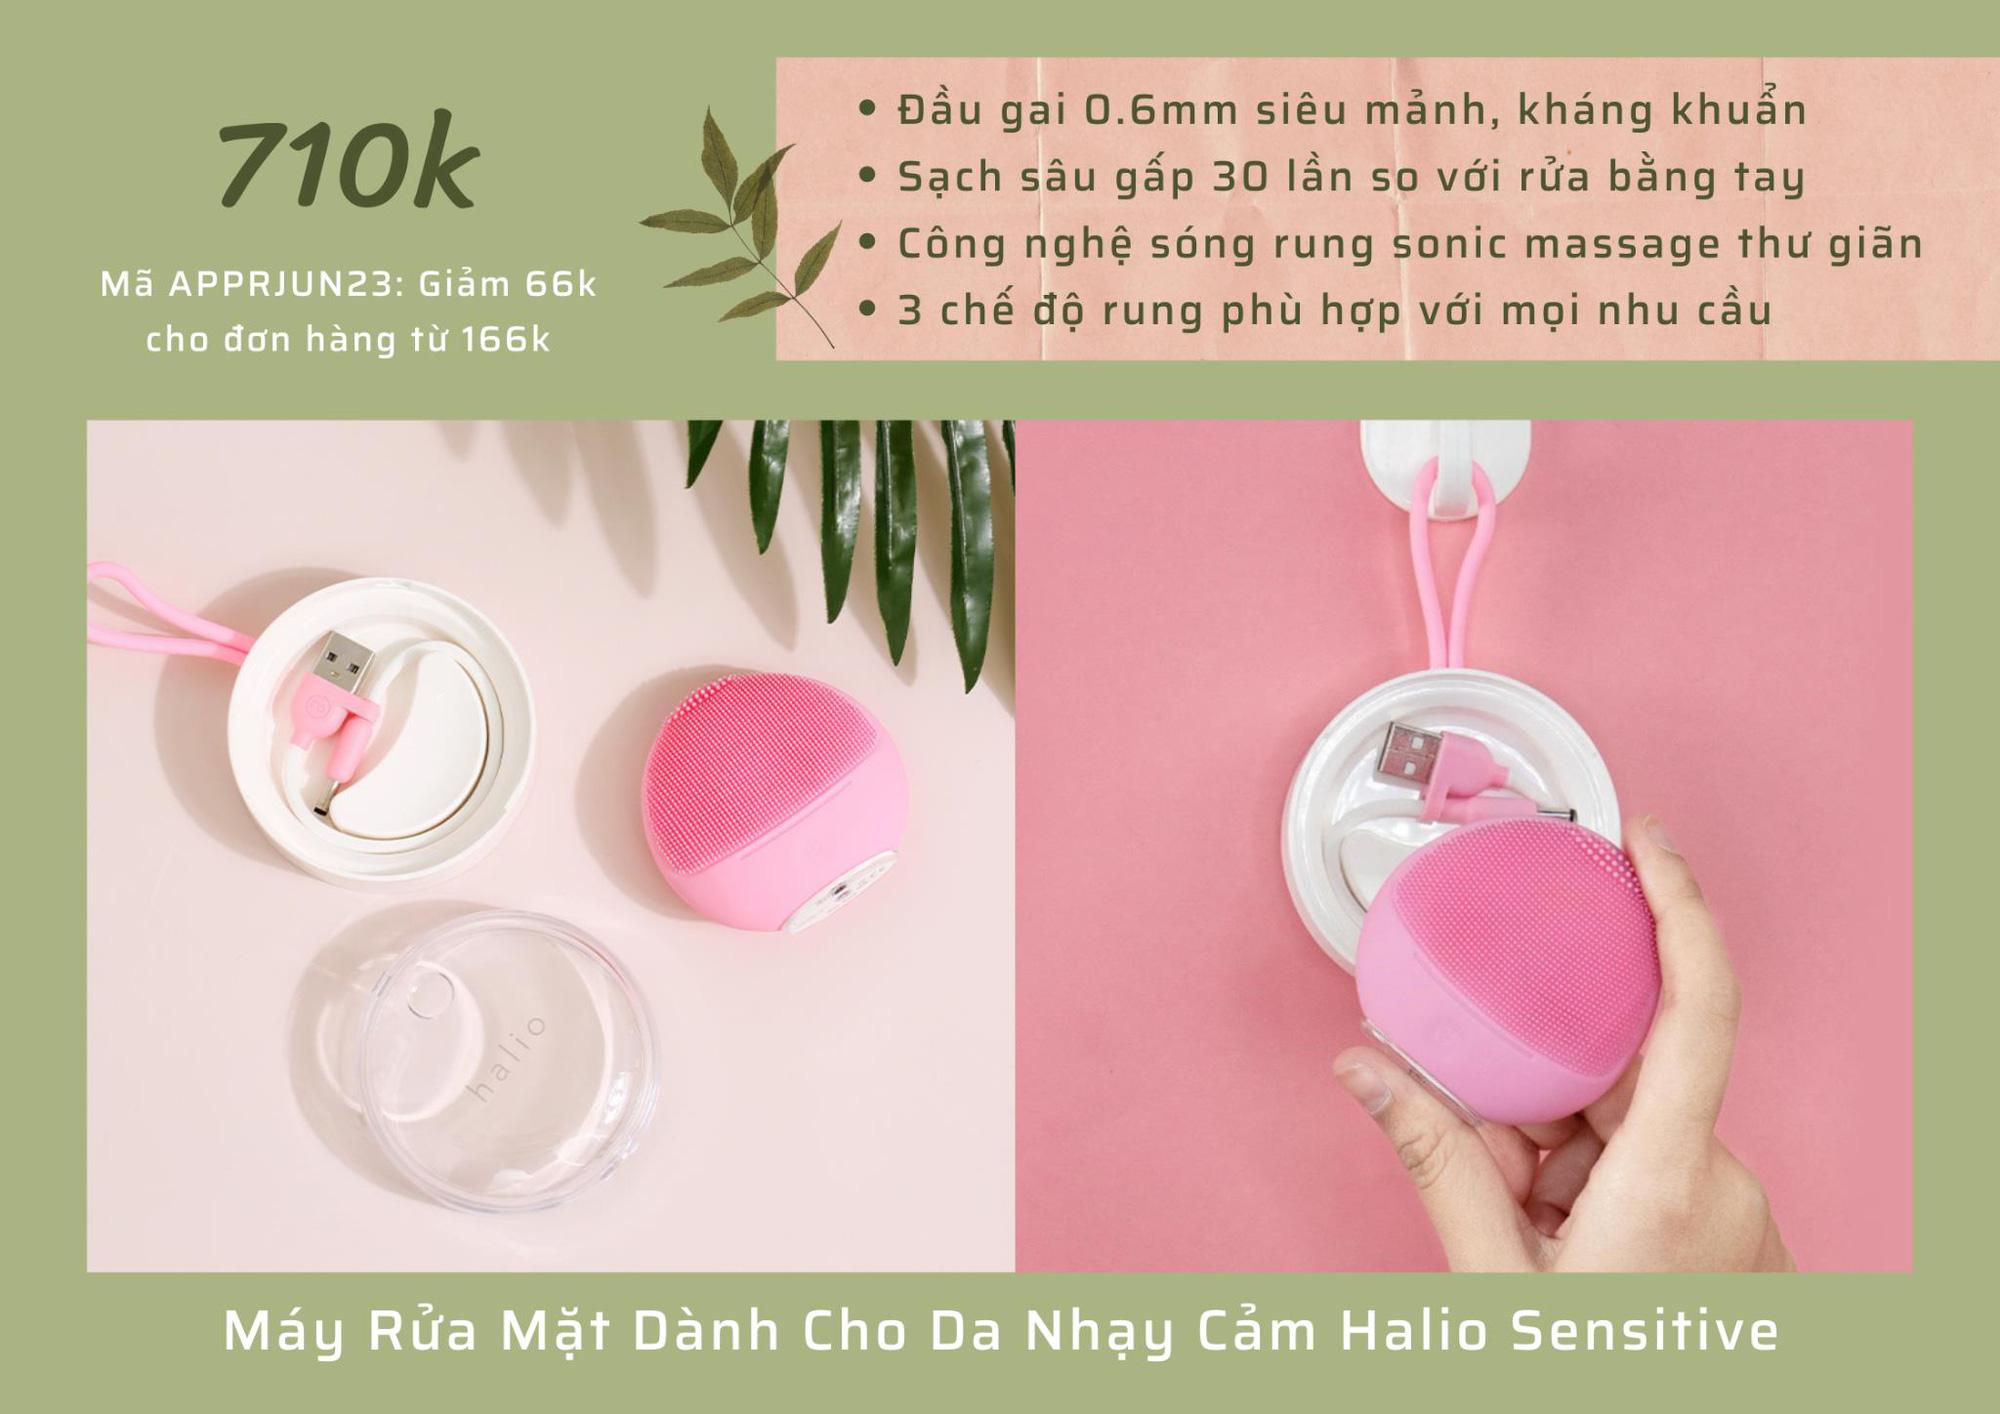 Điểm danh loạt máy skincare công nghệ cao để nàng chăm da tại nhà như spa có giá từ 539K - Ảnh 2.